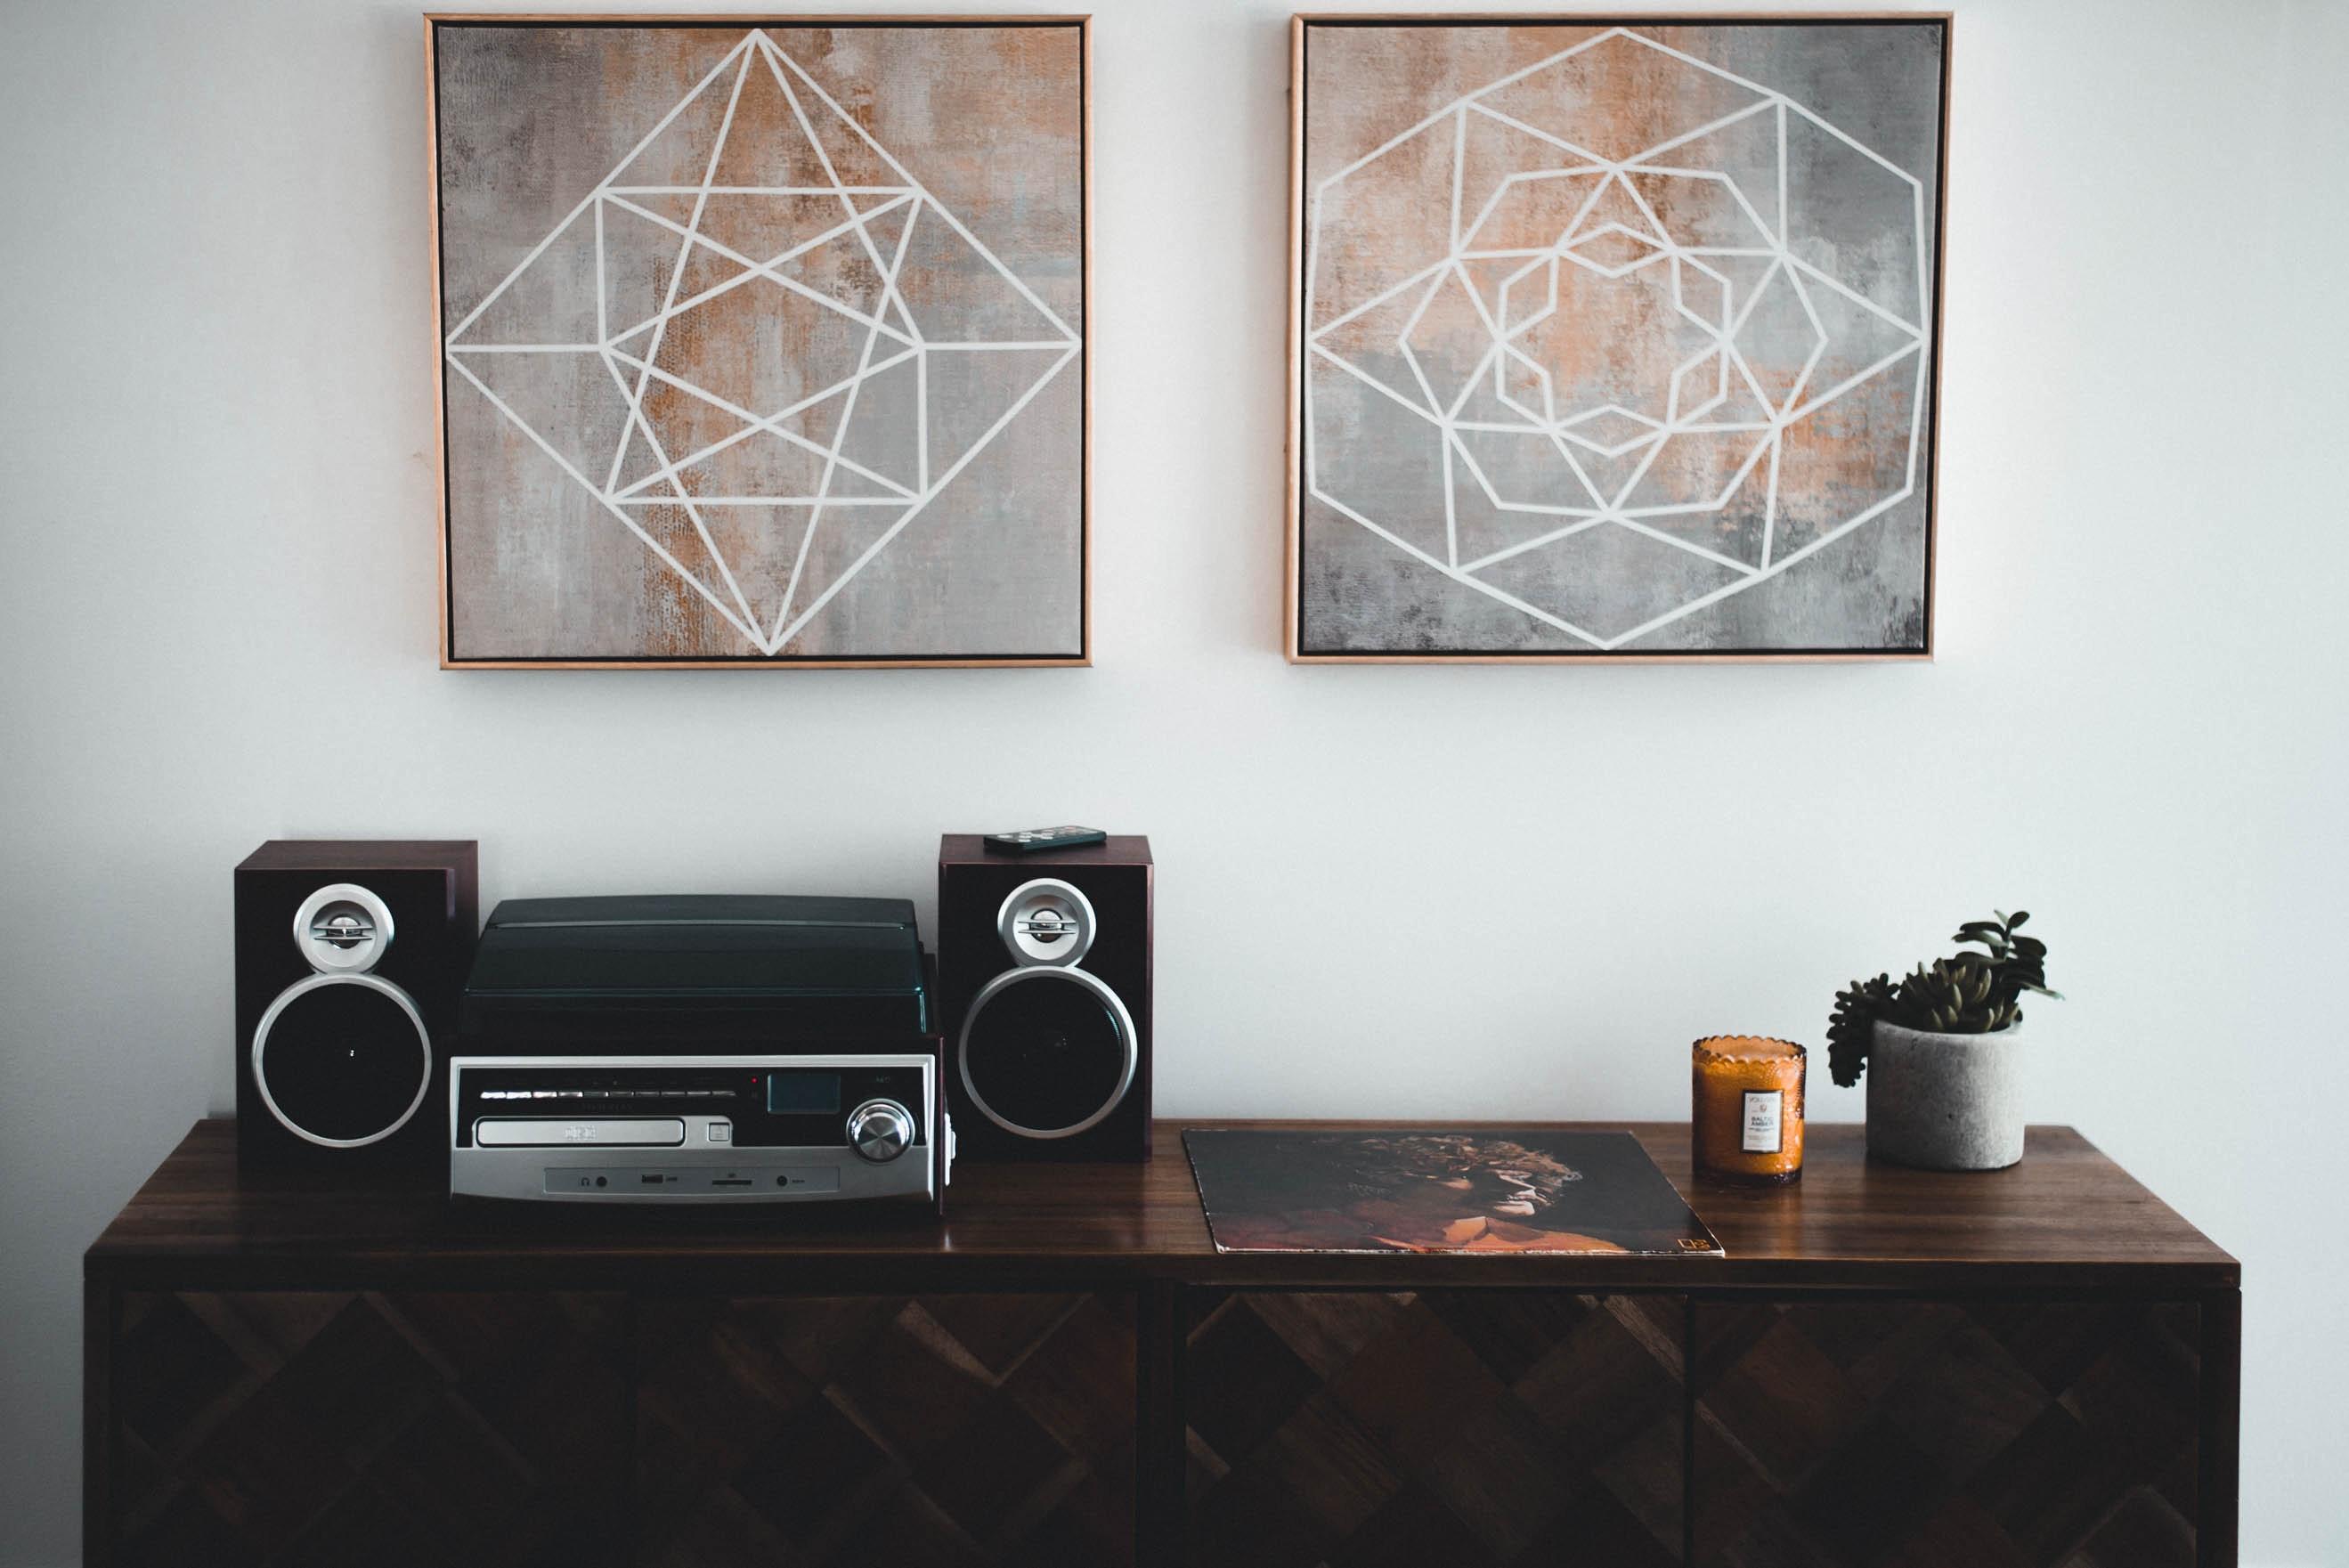 1000+ Engaging Wall Art Photos · Pexels · Free Stock Photos